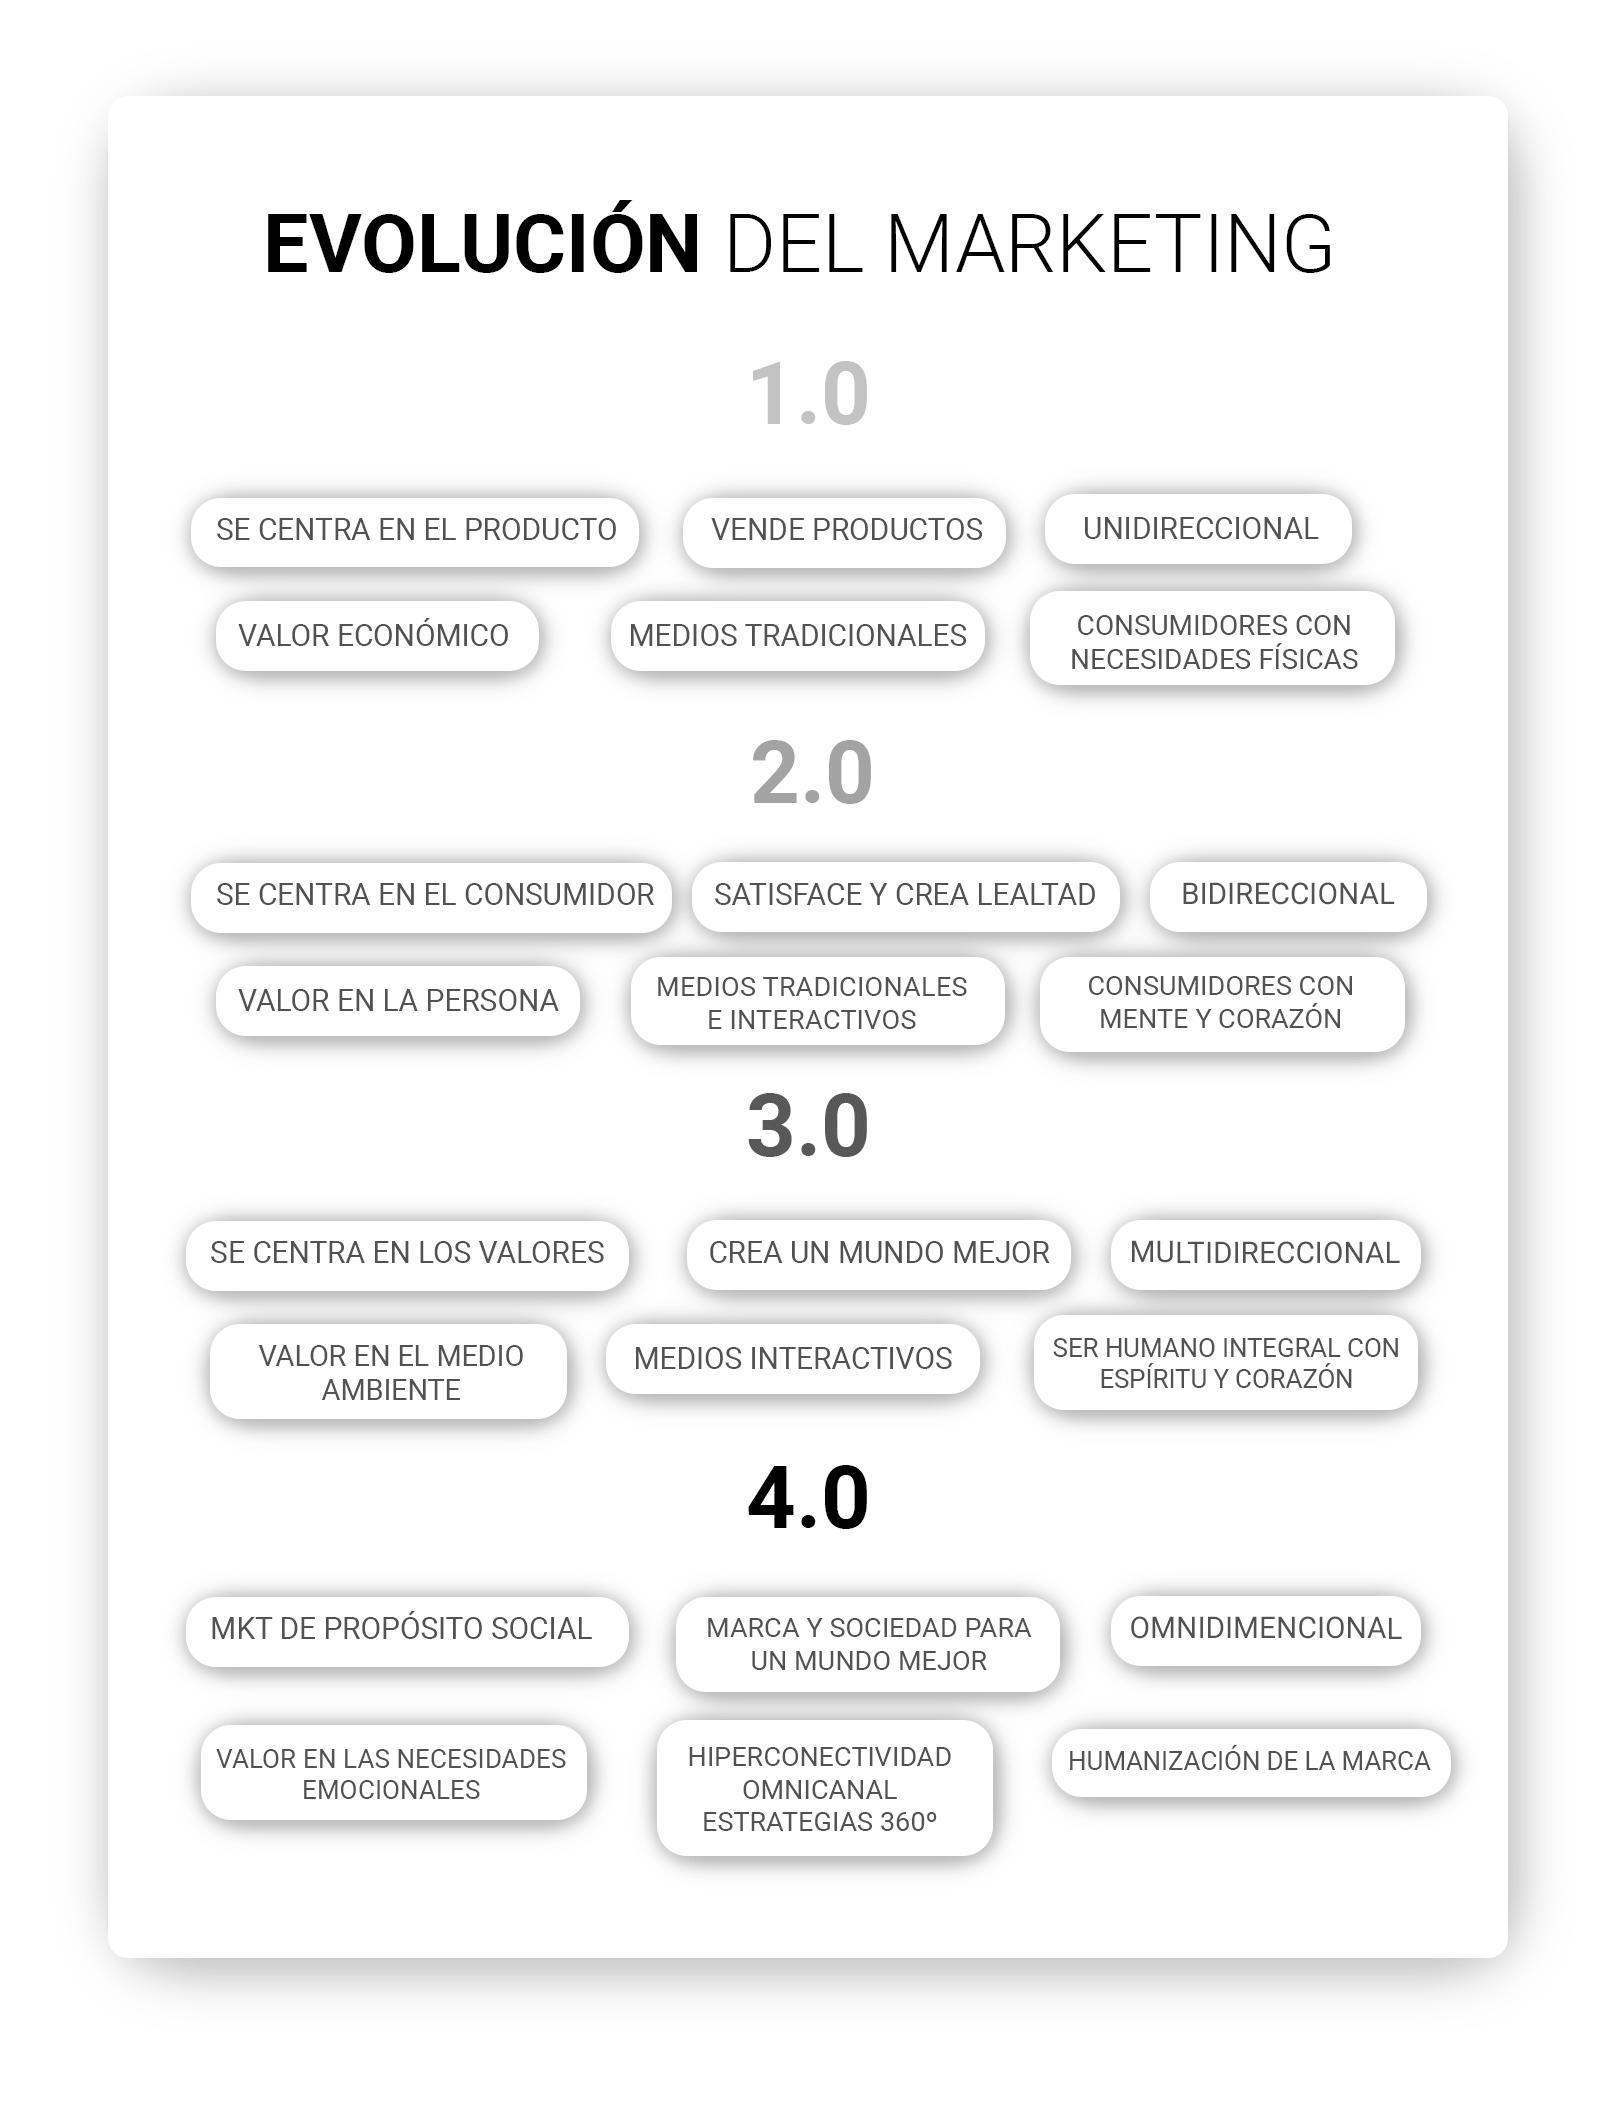 evolucion-del-marketing-min